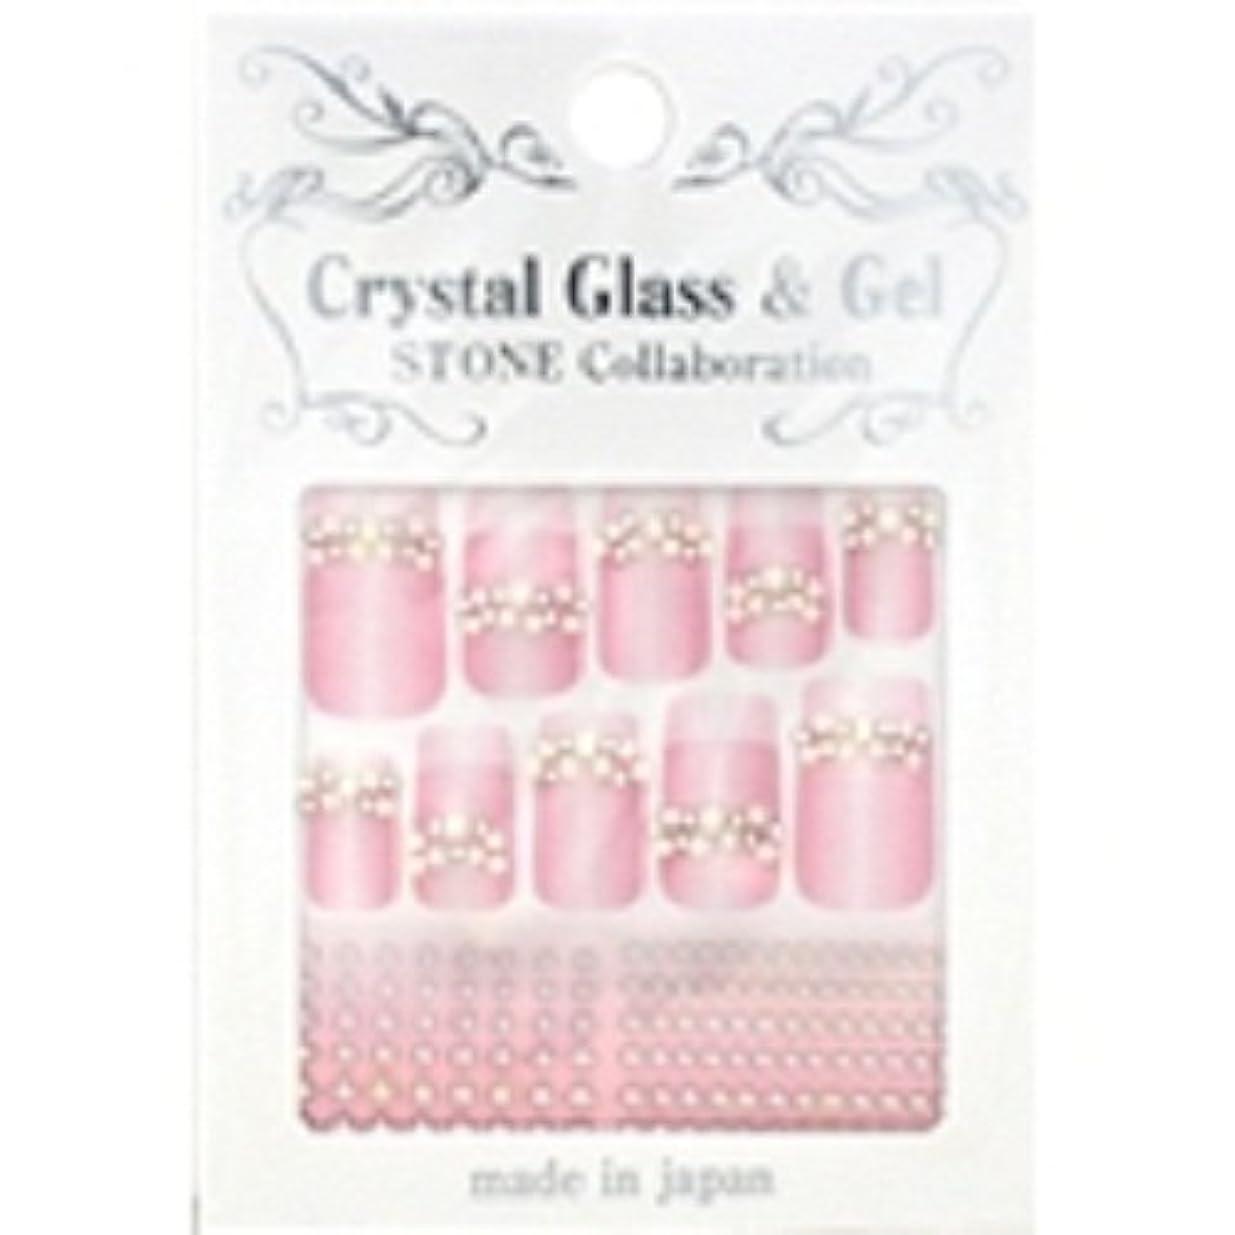 規範変装した懐疑的BN クリスタルガラス&ジェル ストーンコラボレーション PSS-8